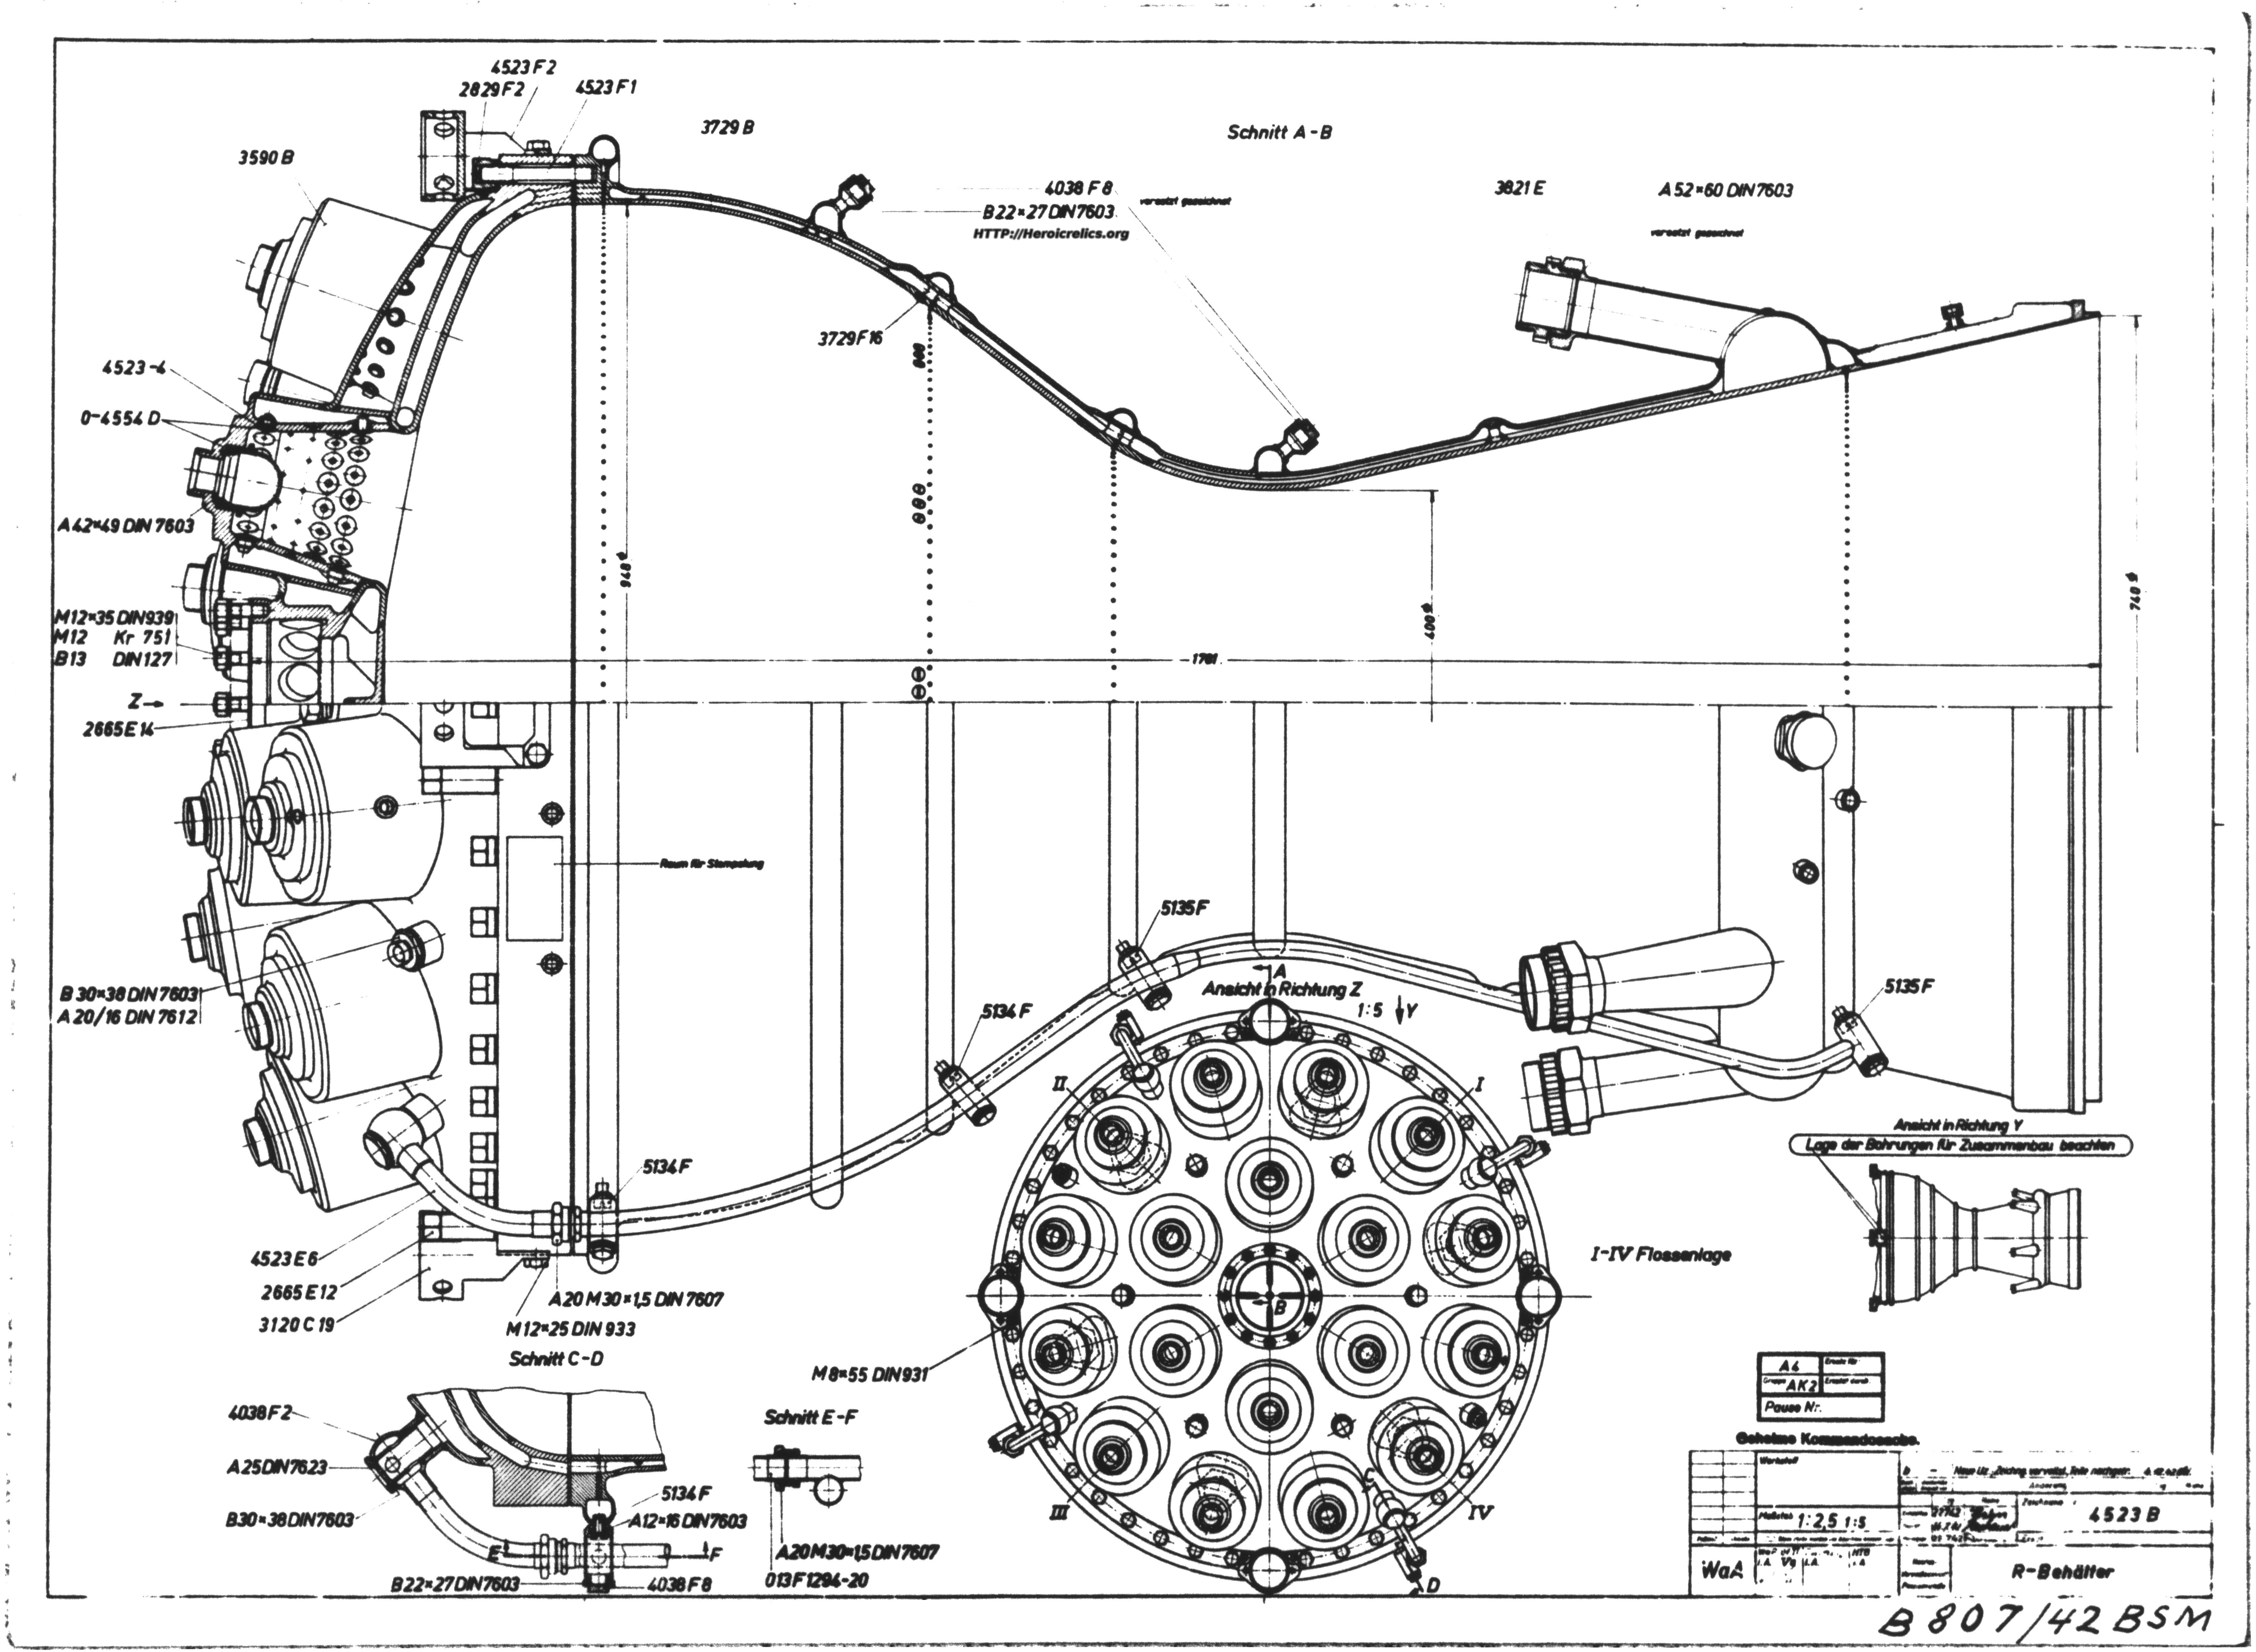 Rocket Engine Diagram V 2 Bustion Chamber Cutaways Of Rocket Engine Diagram